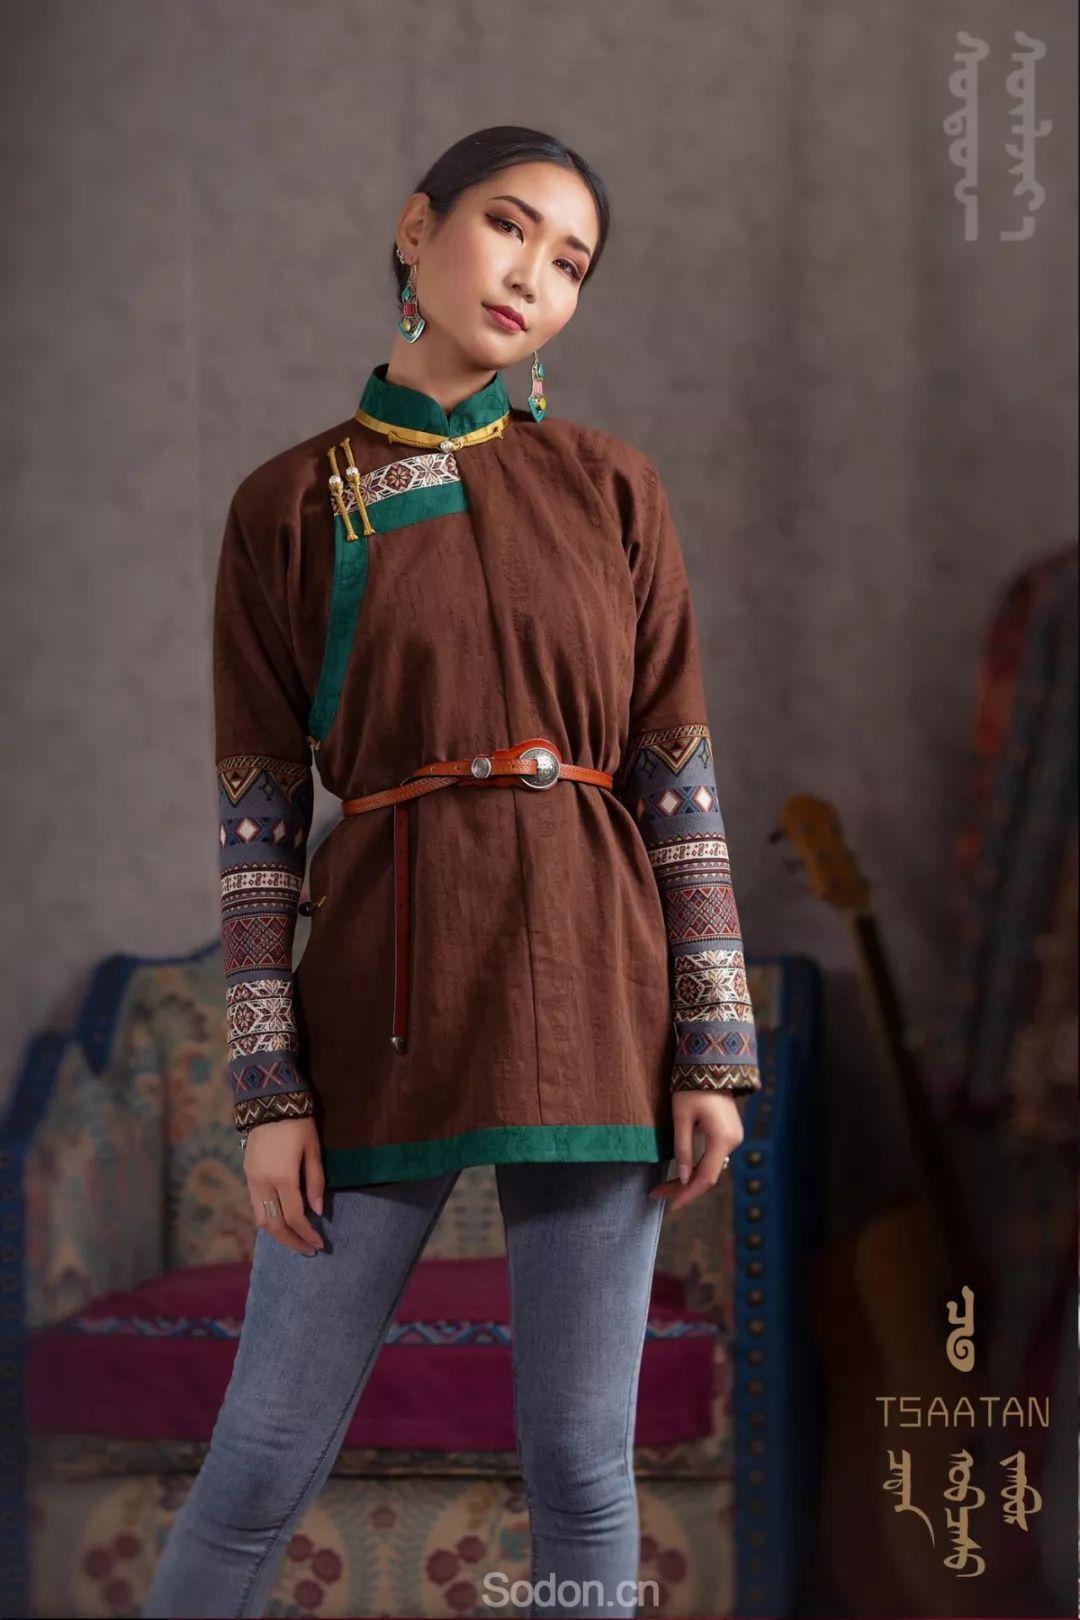 TSAATAN蒙古时装 2019新款,来自驯鹿人的独特魅力! 第59张 TSAATAN蒙古时装 2019新款,来自驯鹿人的独特魅力! 蒙古服饰